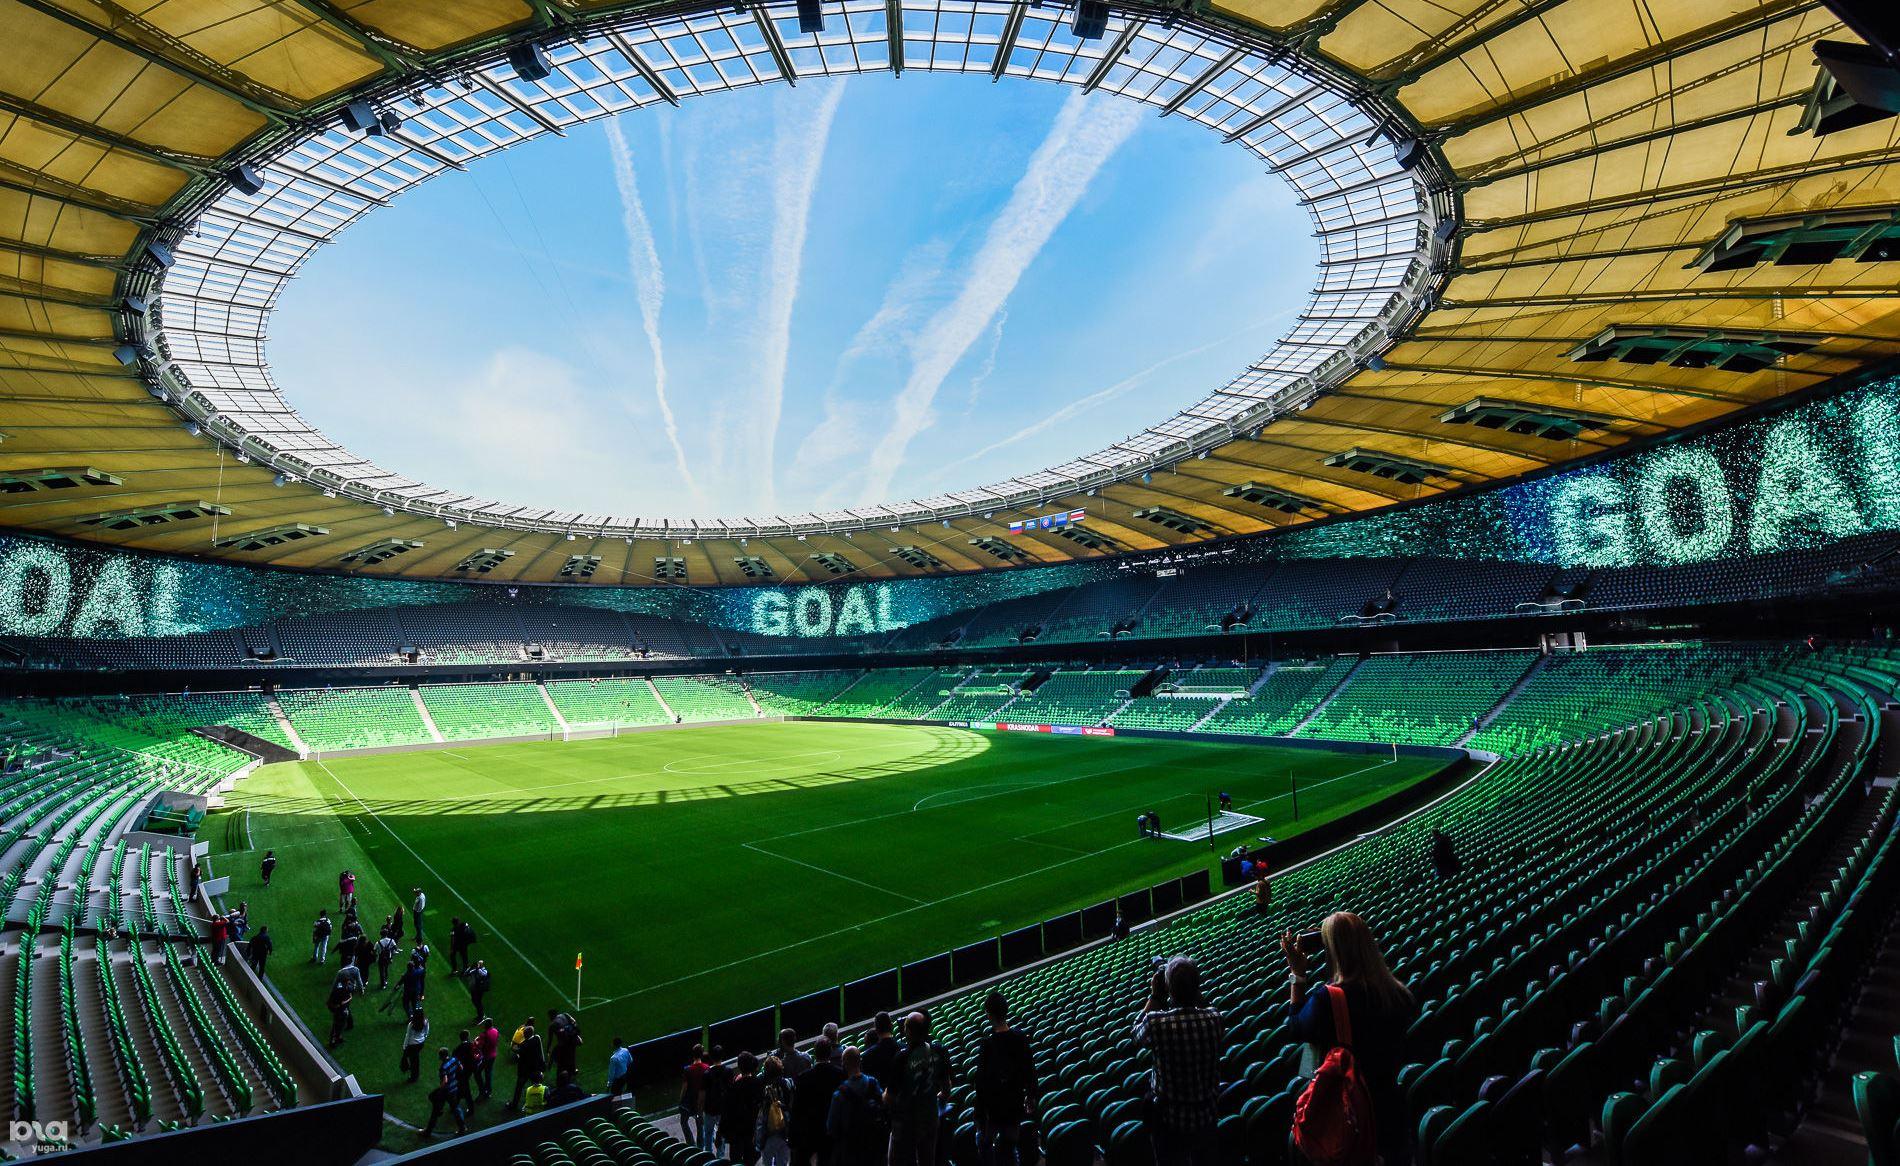 Krasnodar Vs Cska Moscow At Krasnodar Stadium On 07 12 19 Sat 16 30 Football Ticket Net